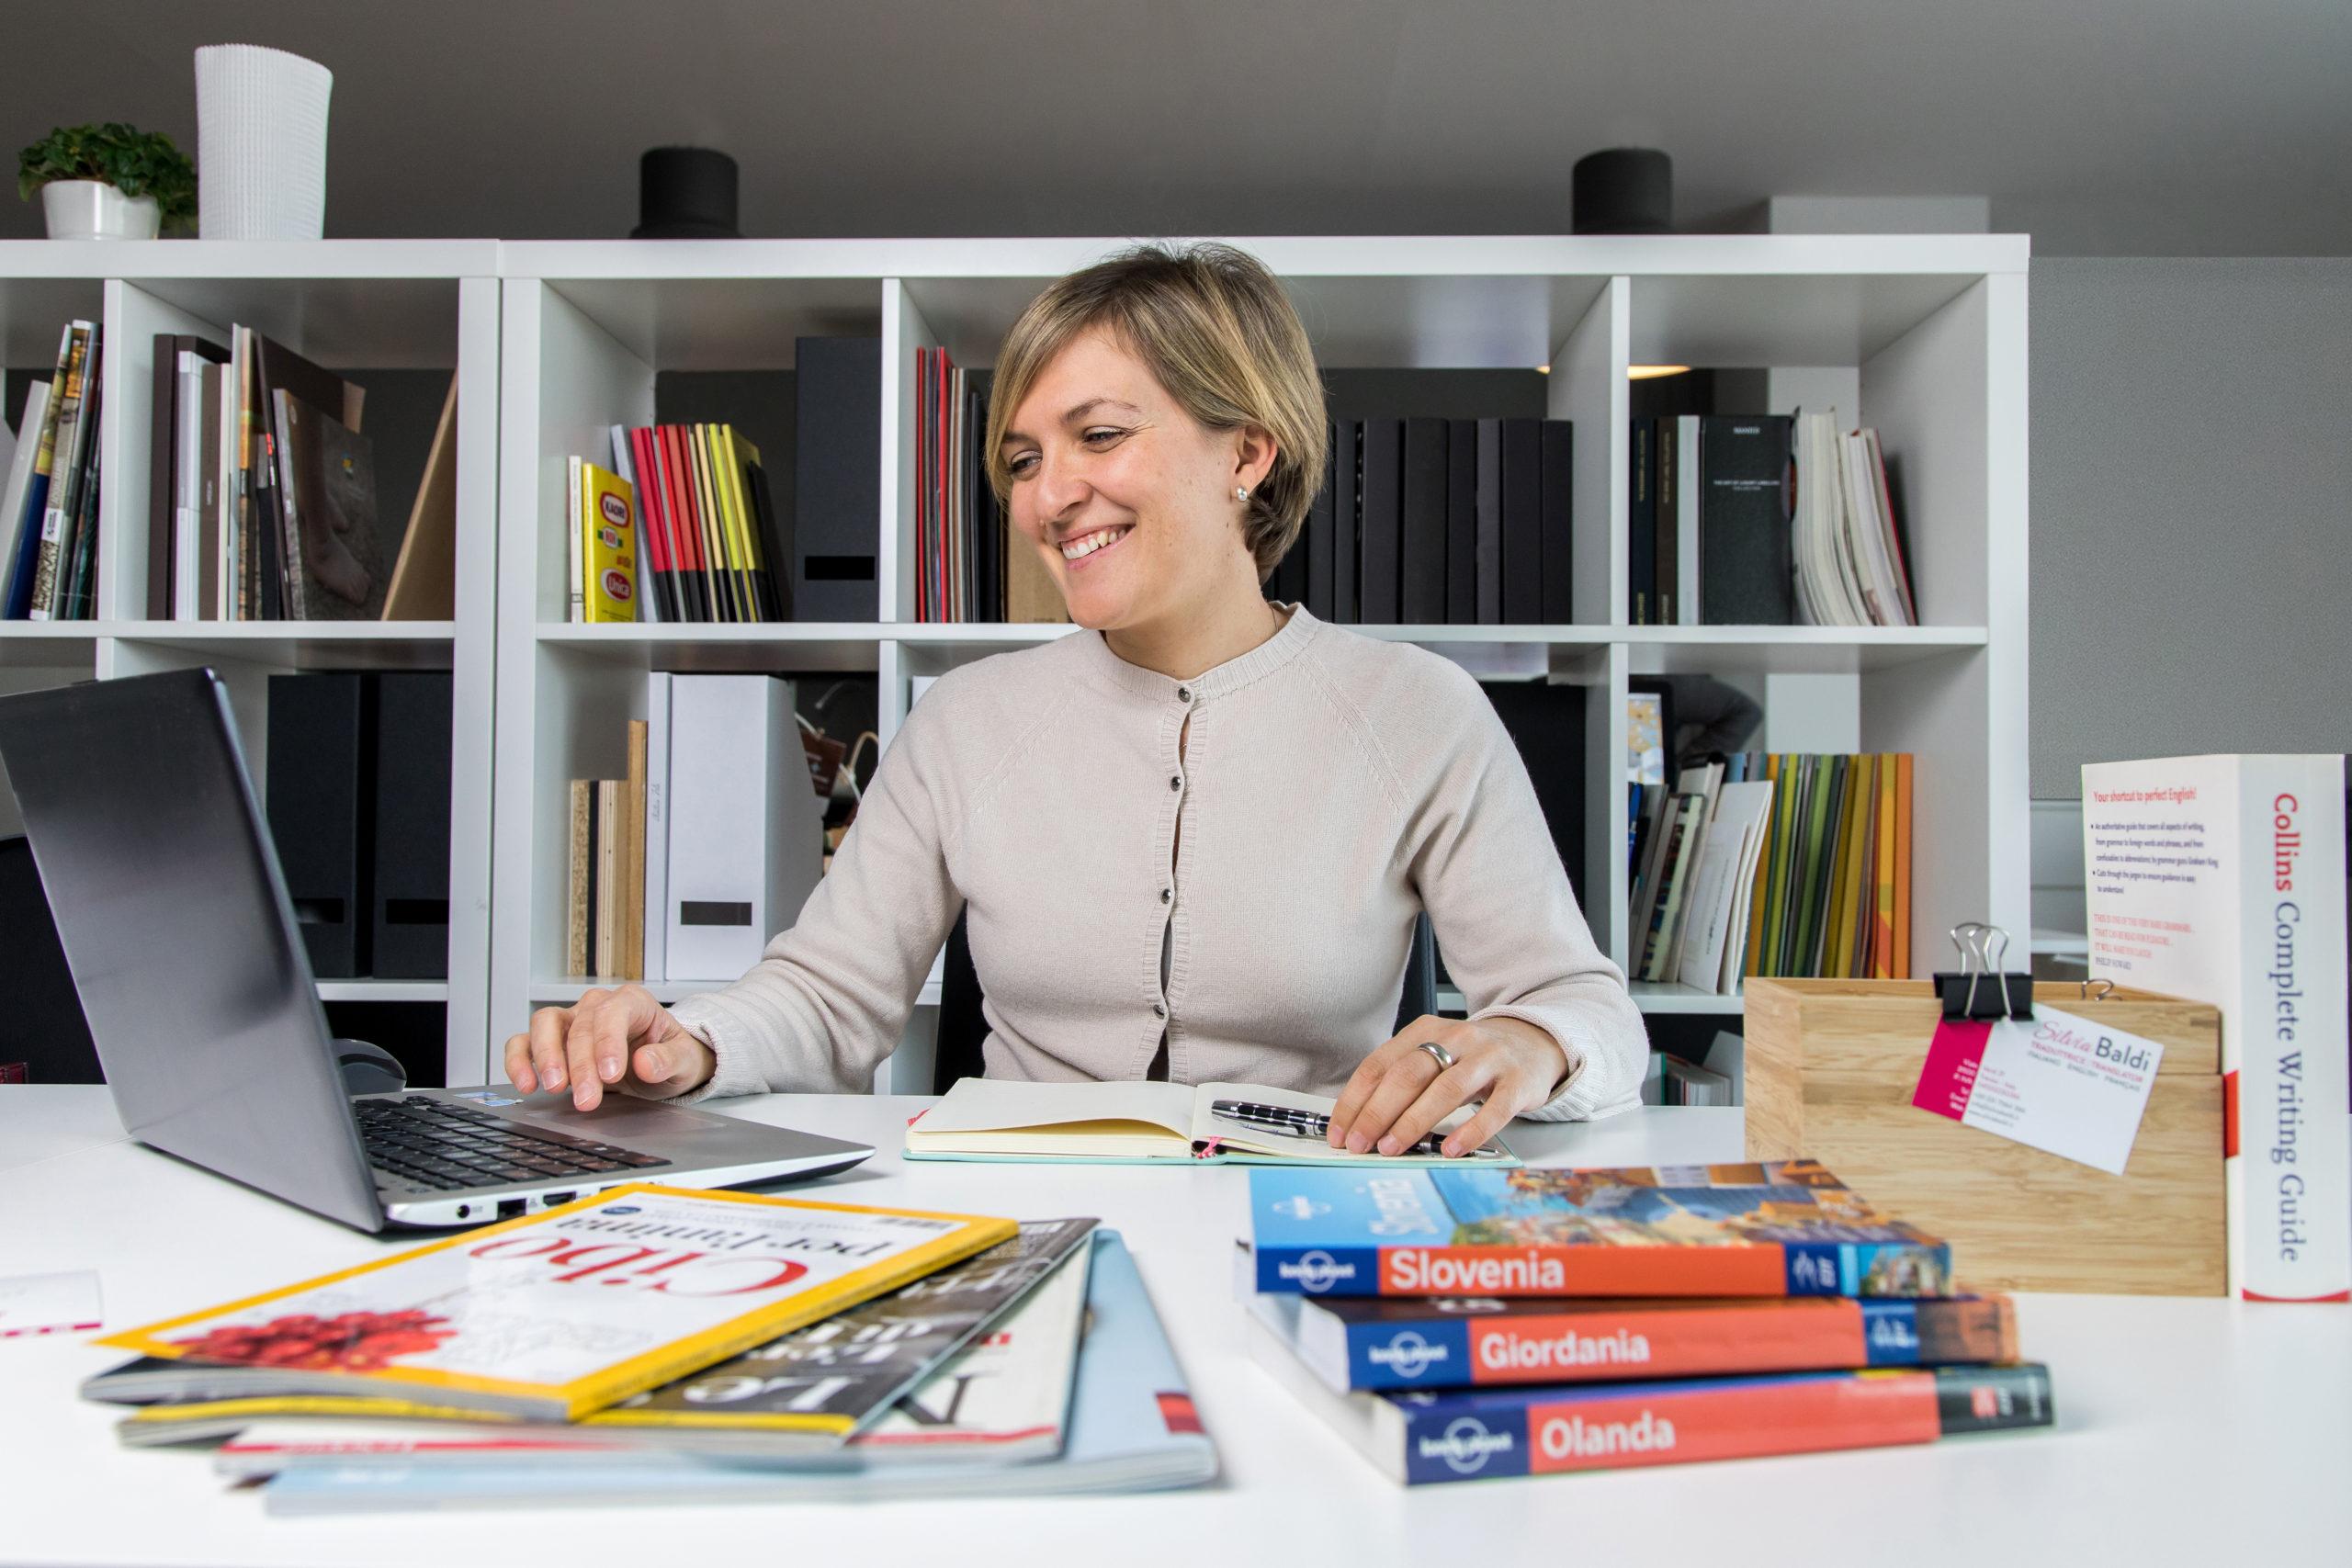 Silvia Baldi alla scrivania davanti al computer